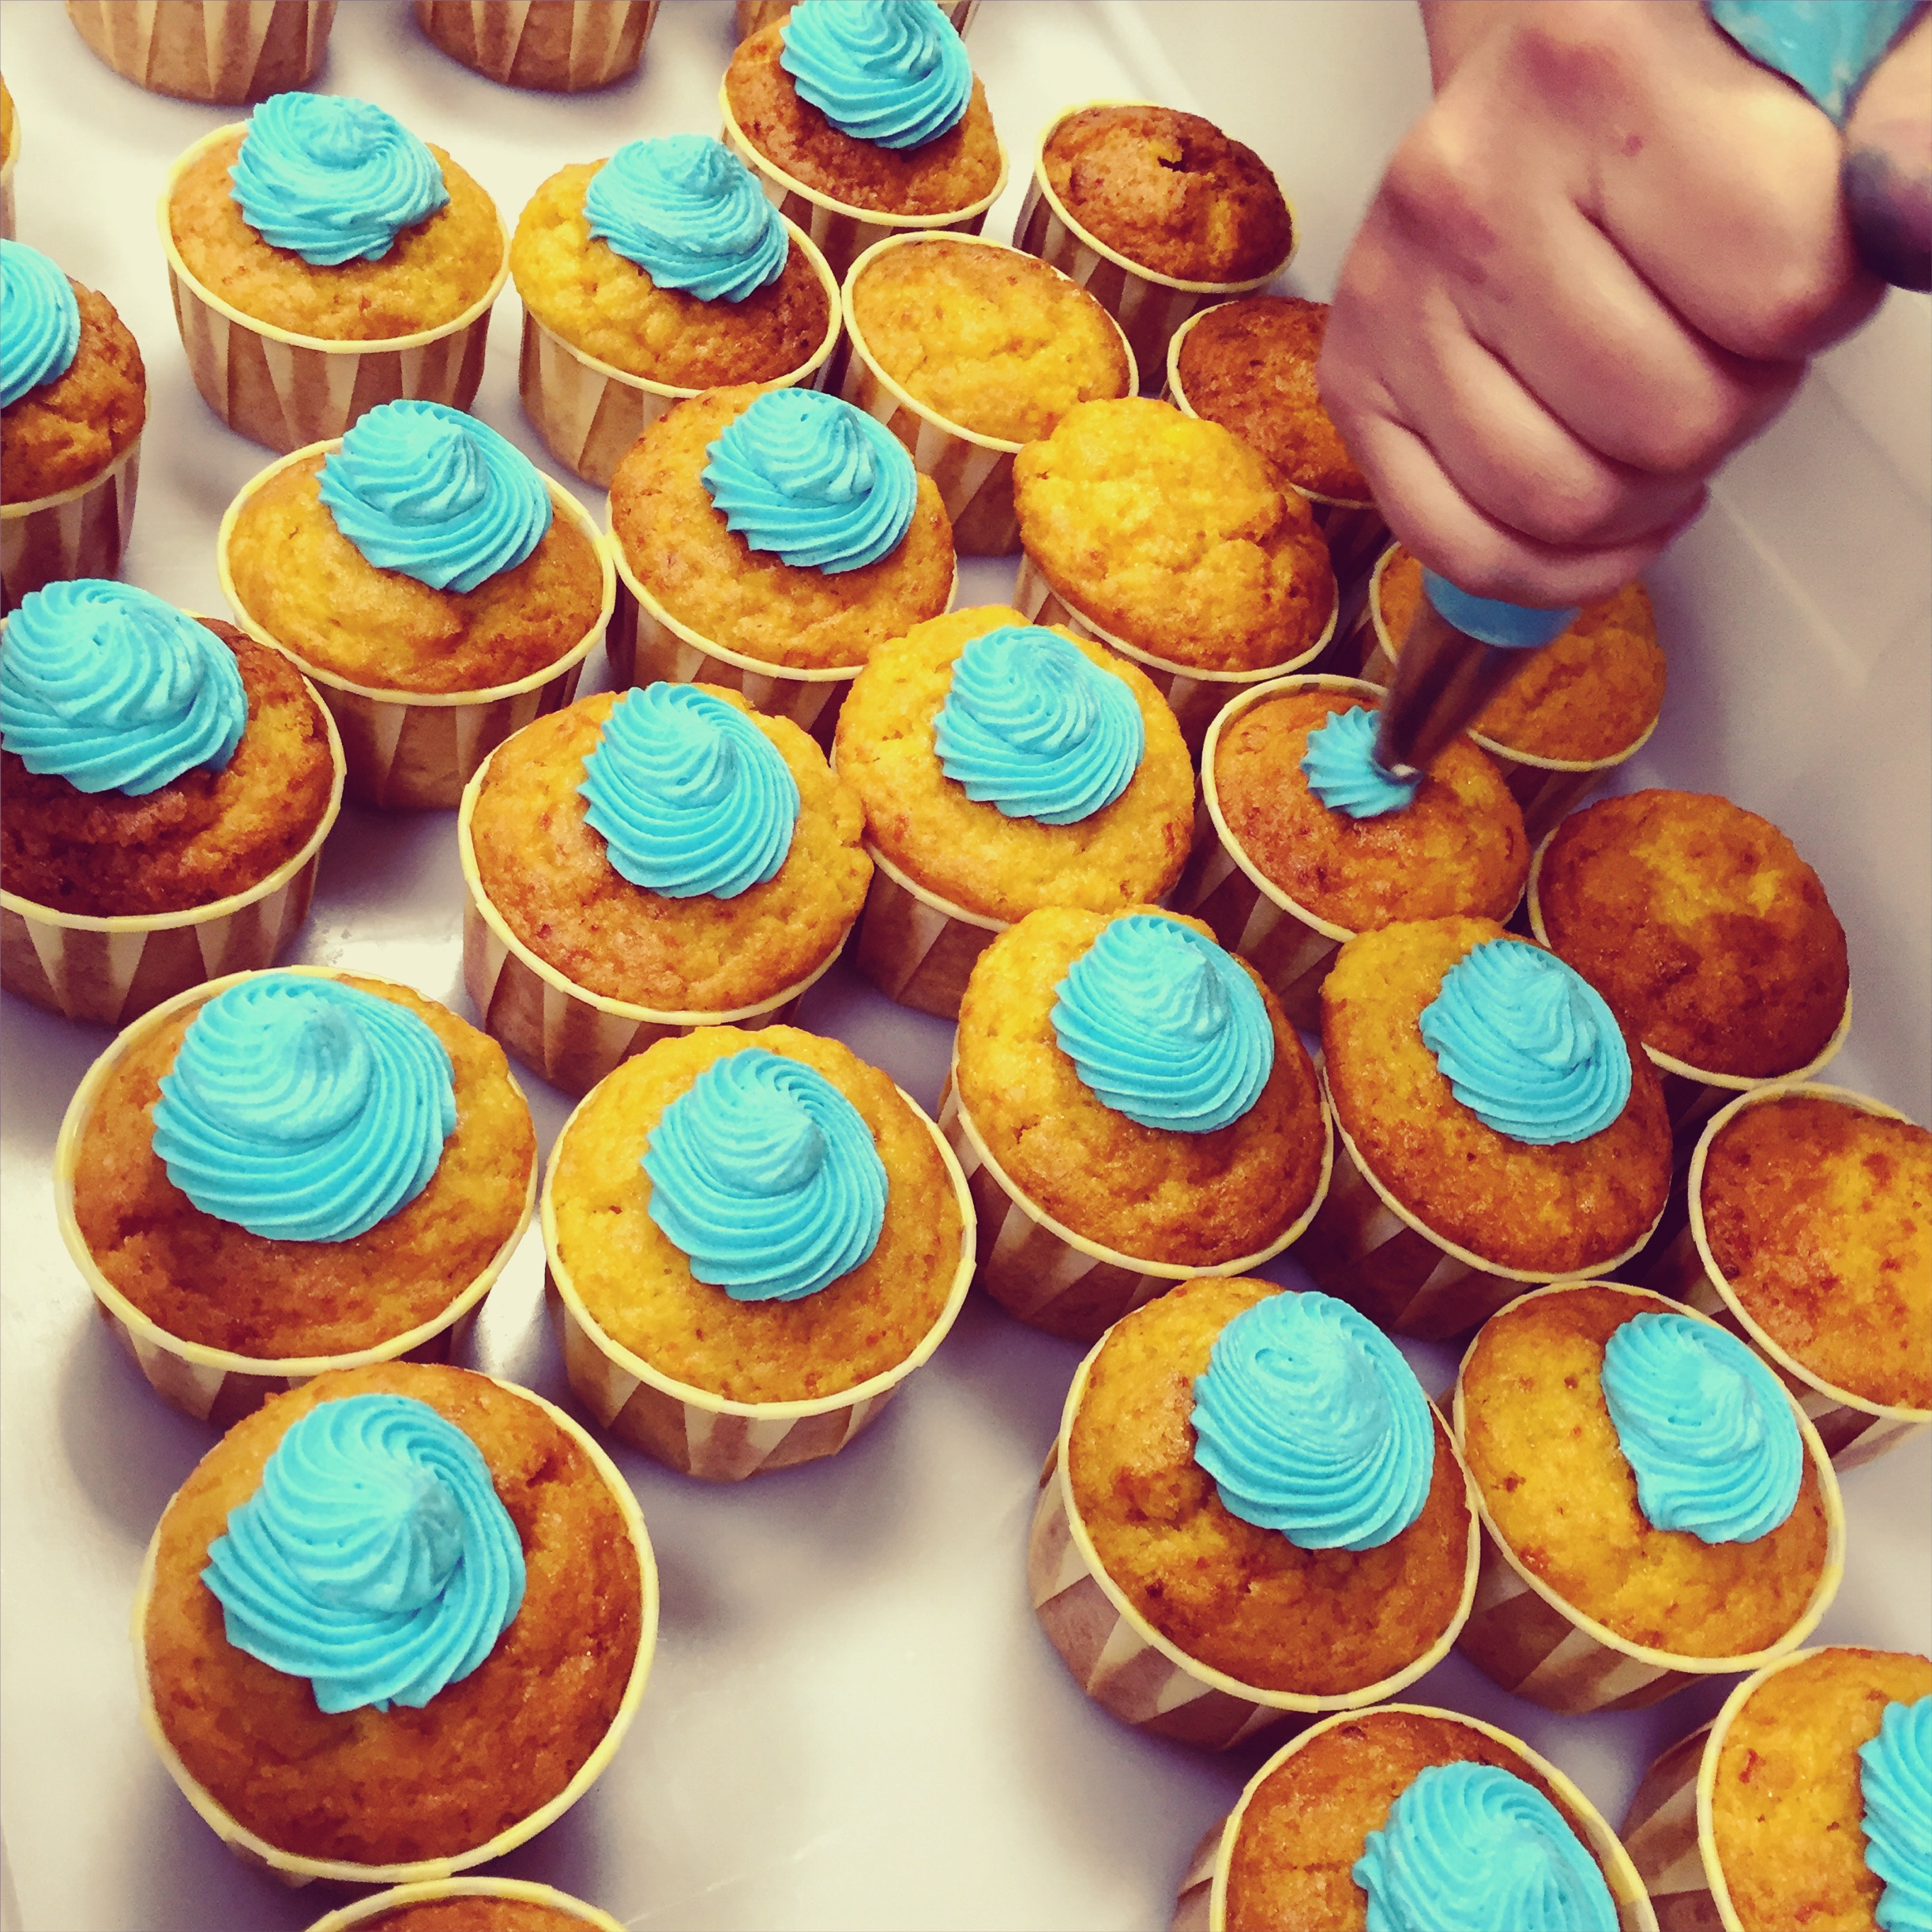 Pasticceria Cake Design Viterbo : Pasticceria Artigianale - Cake Design - Maggioni Party Service